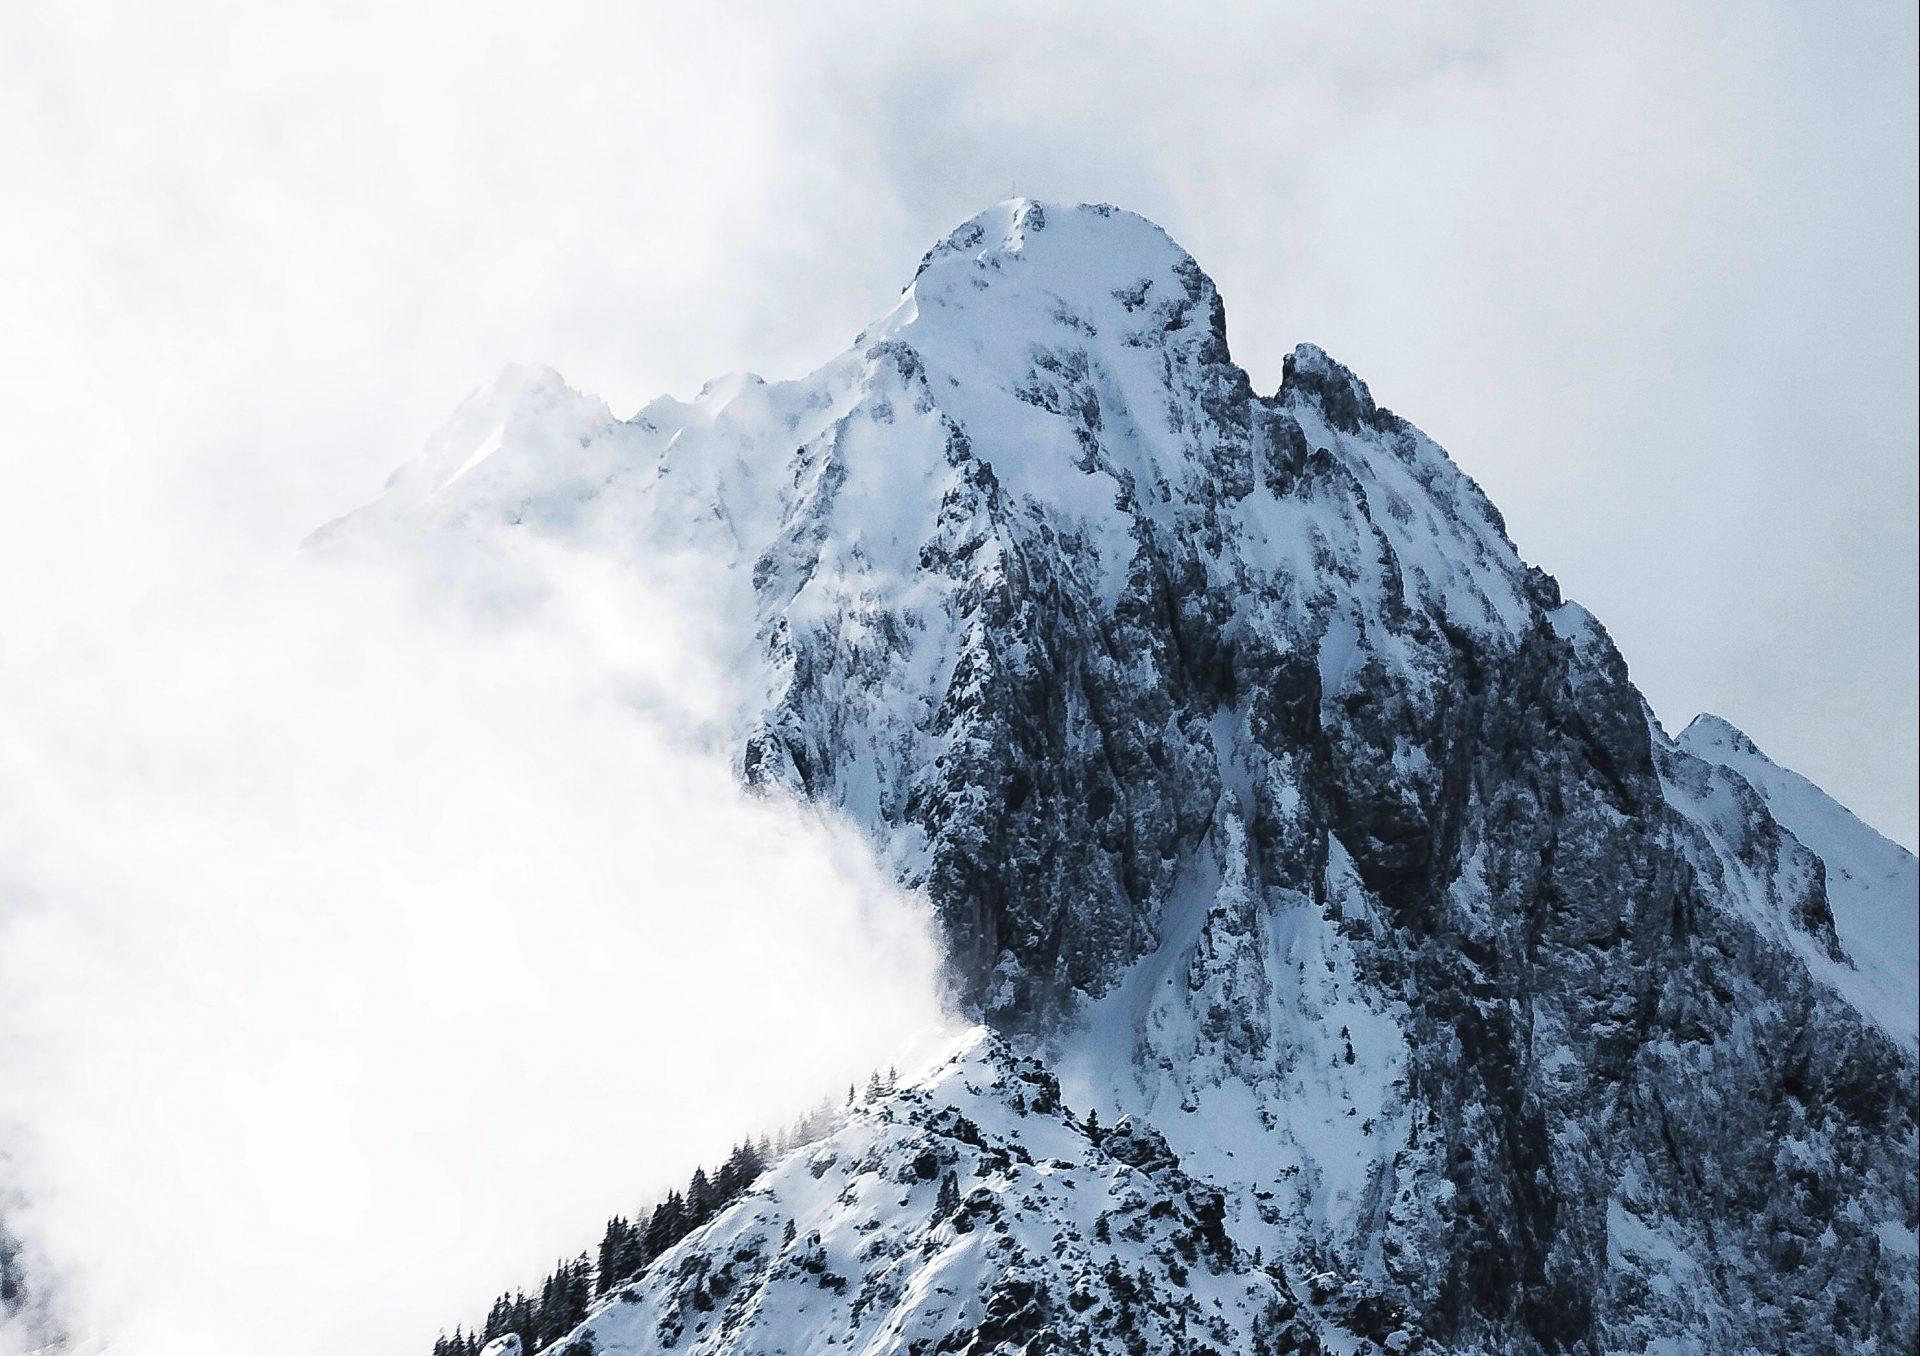 Berg mit Schnee (Symbolbild)